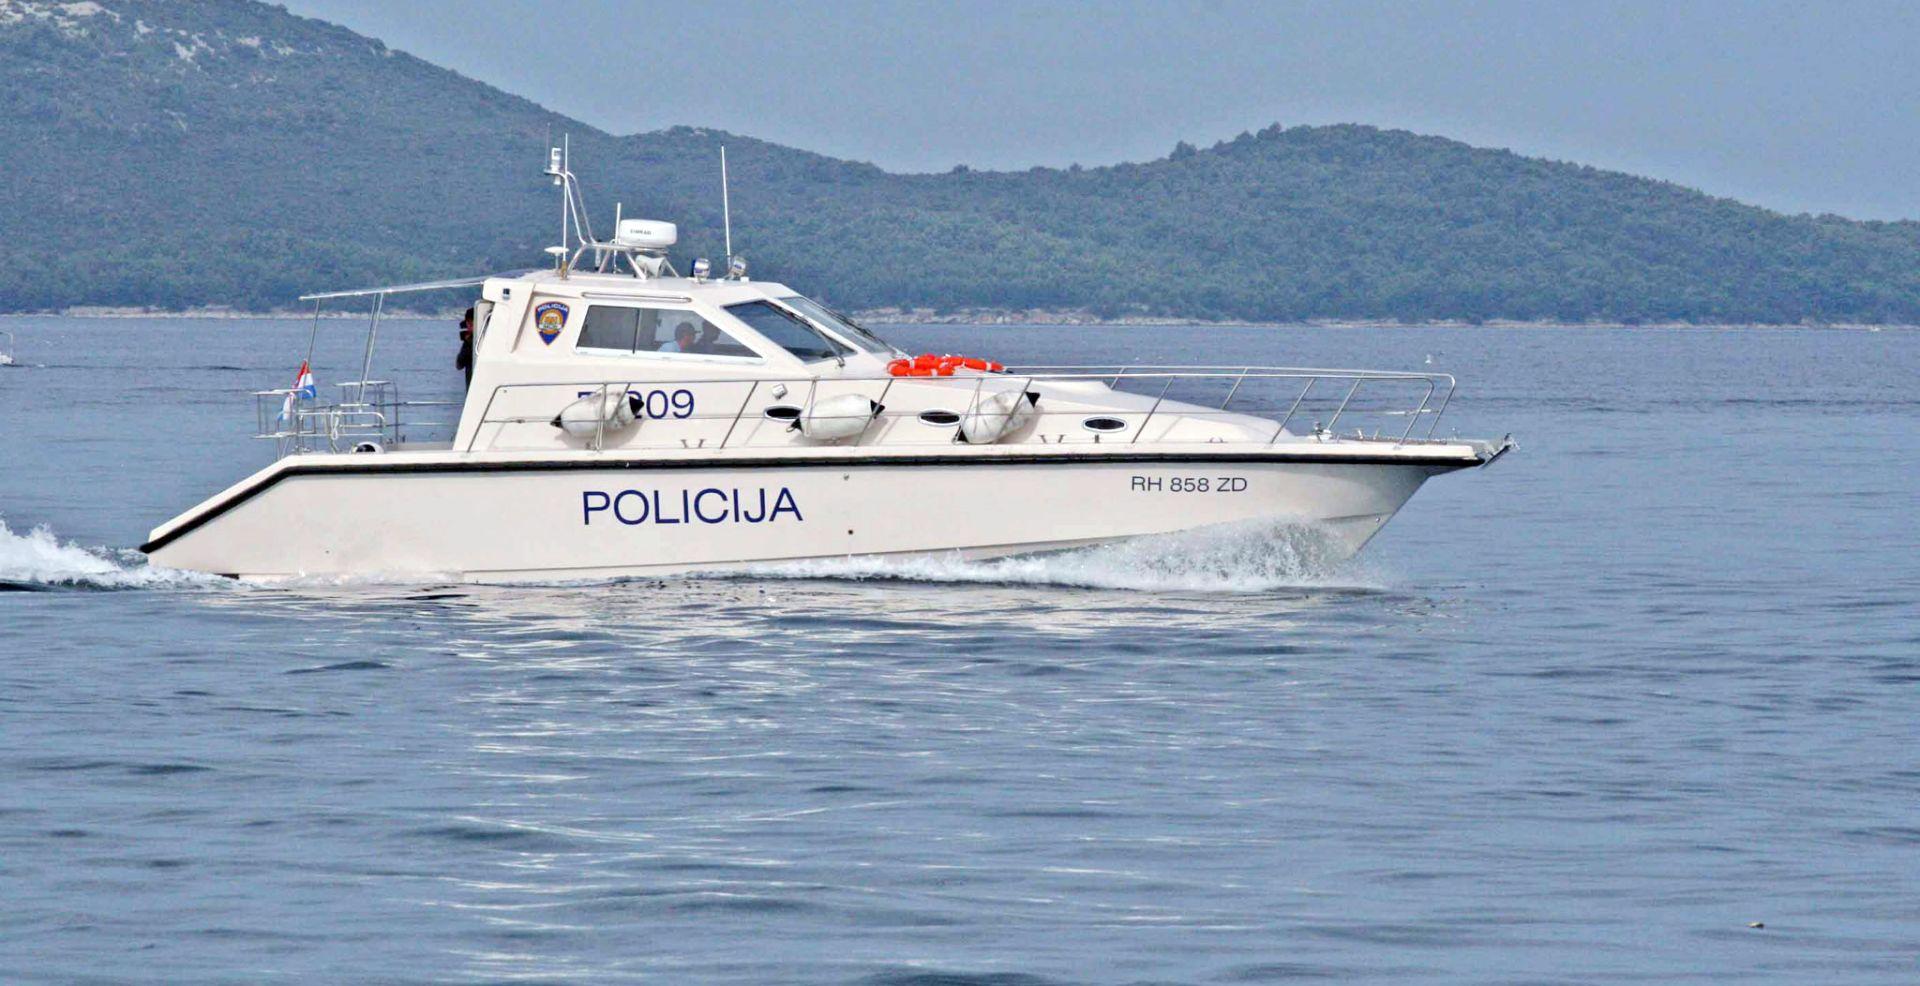 POLICIJA Poljak osumnjičen da je ubio sunarodnjakinju tijekom plovidbe kod Ugljana